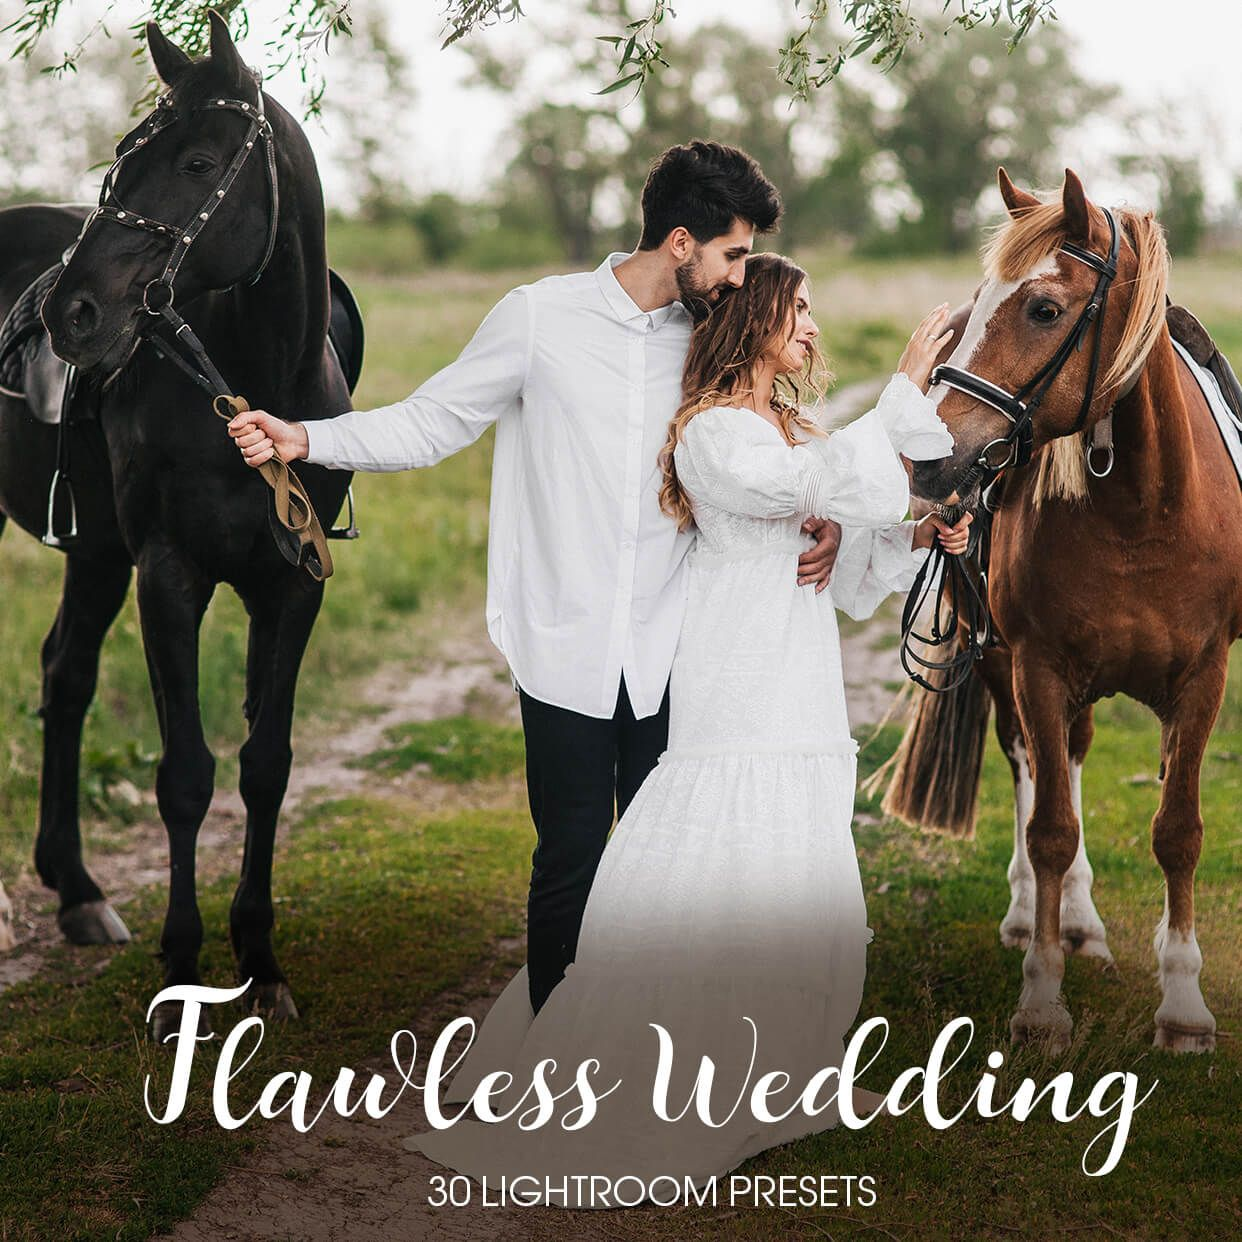 Lightroom wedding presets free download zip